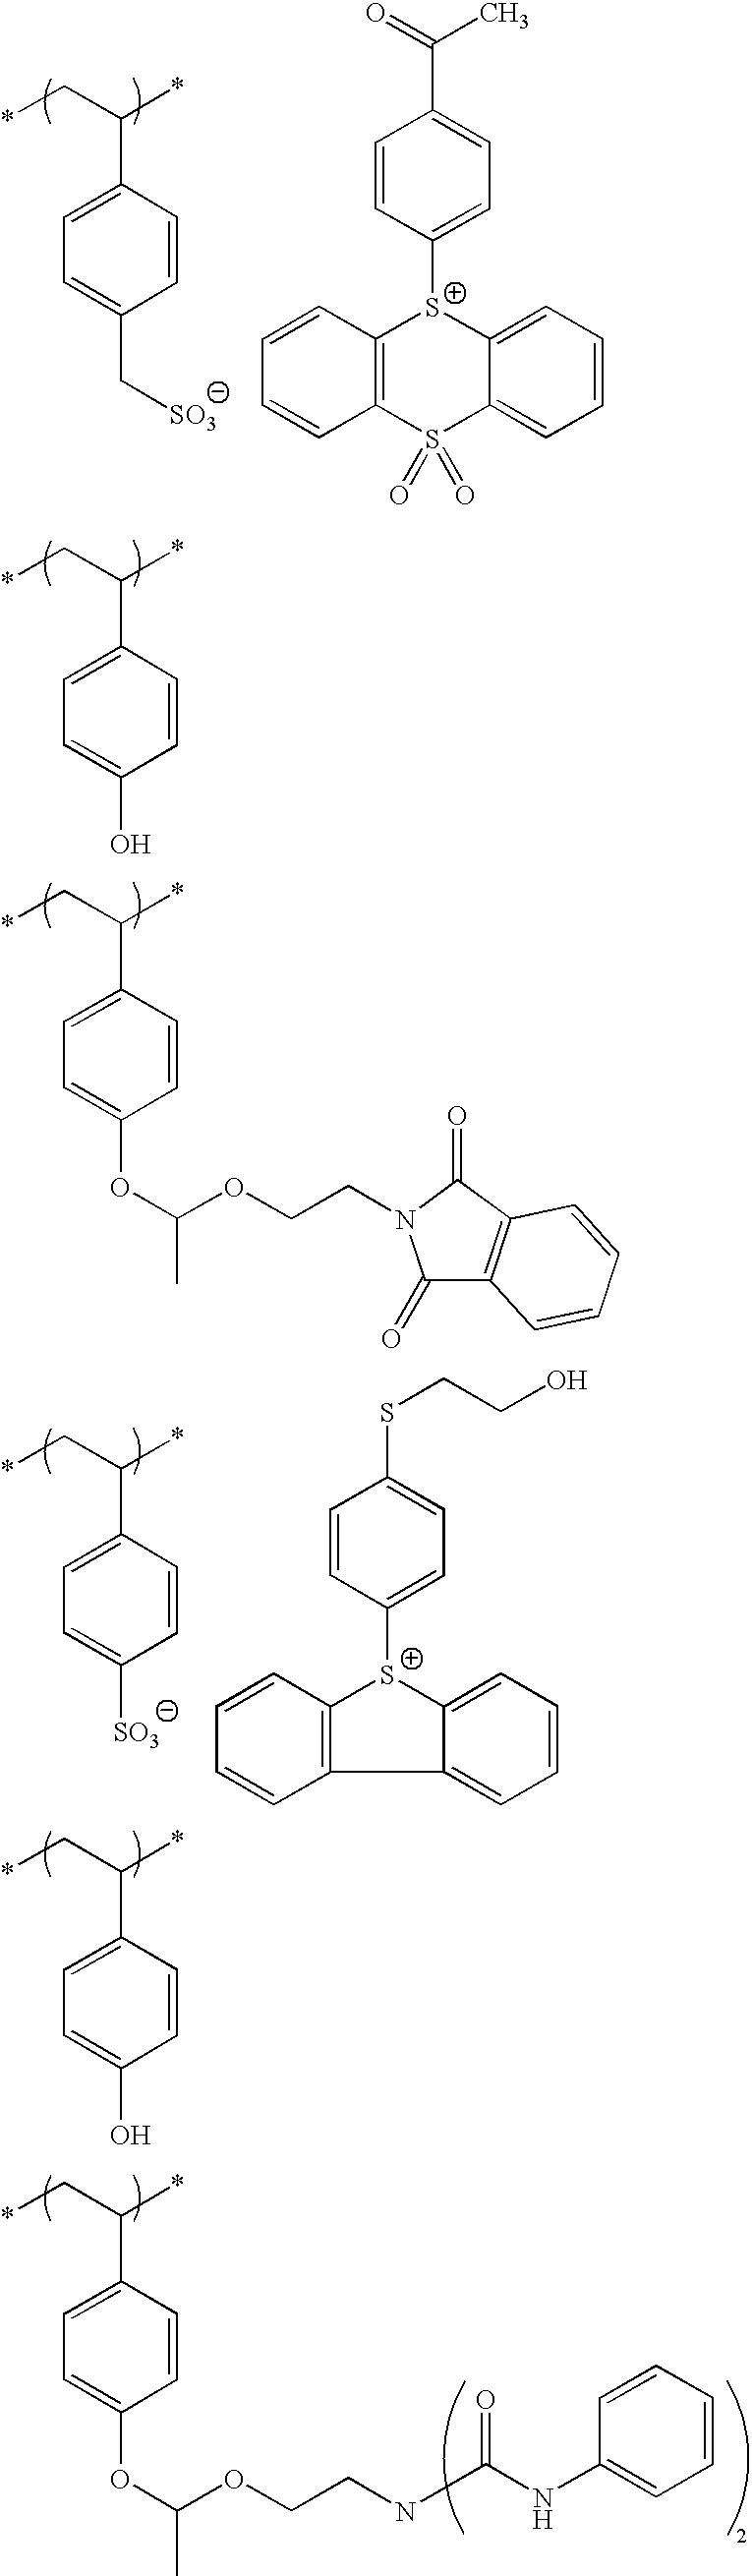 Figure US08852845-20141007-C00173